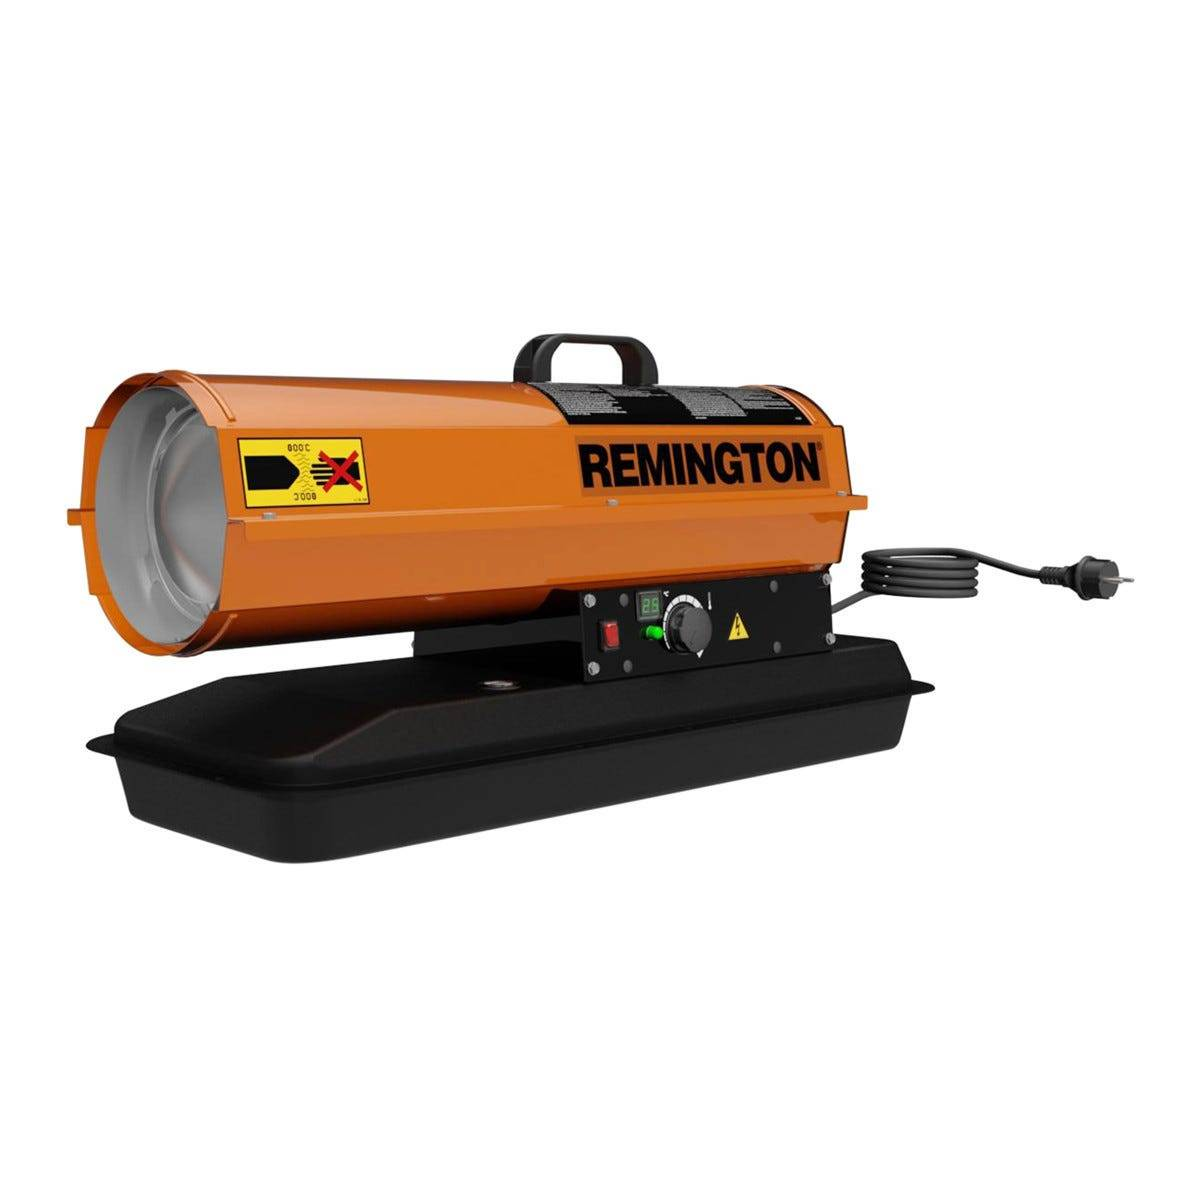 Generatore Di Aria Calda A Gasolio Rem 12 Gasolio Diretto 20 Kw